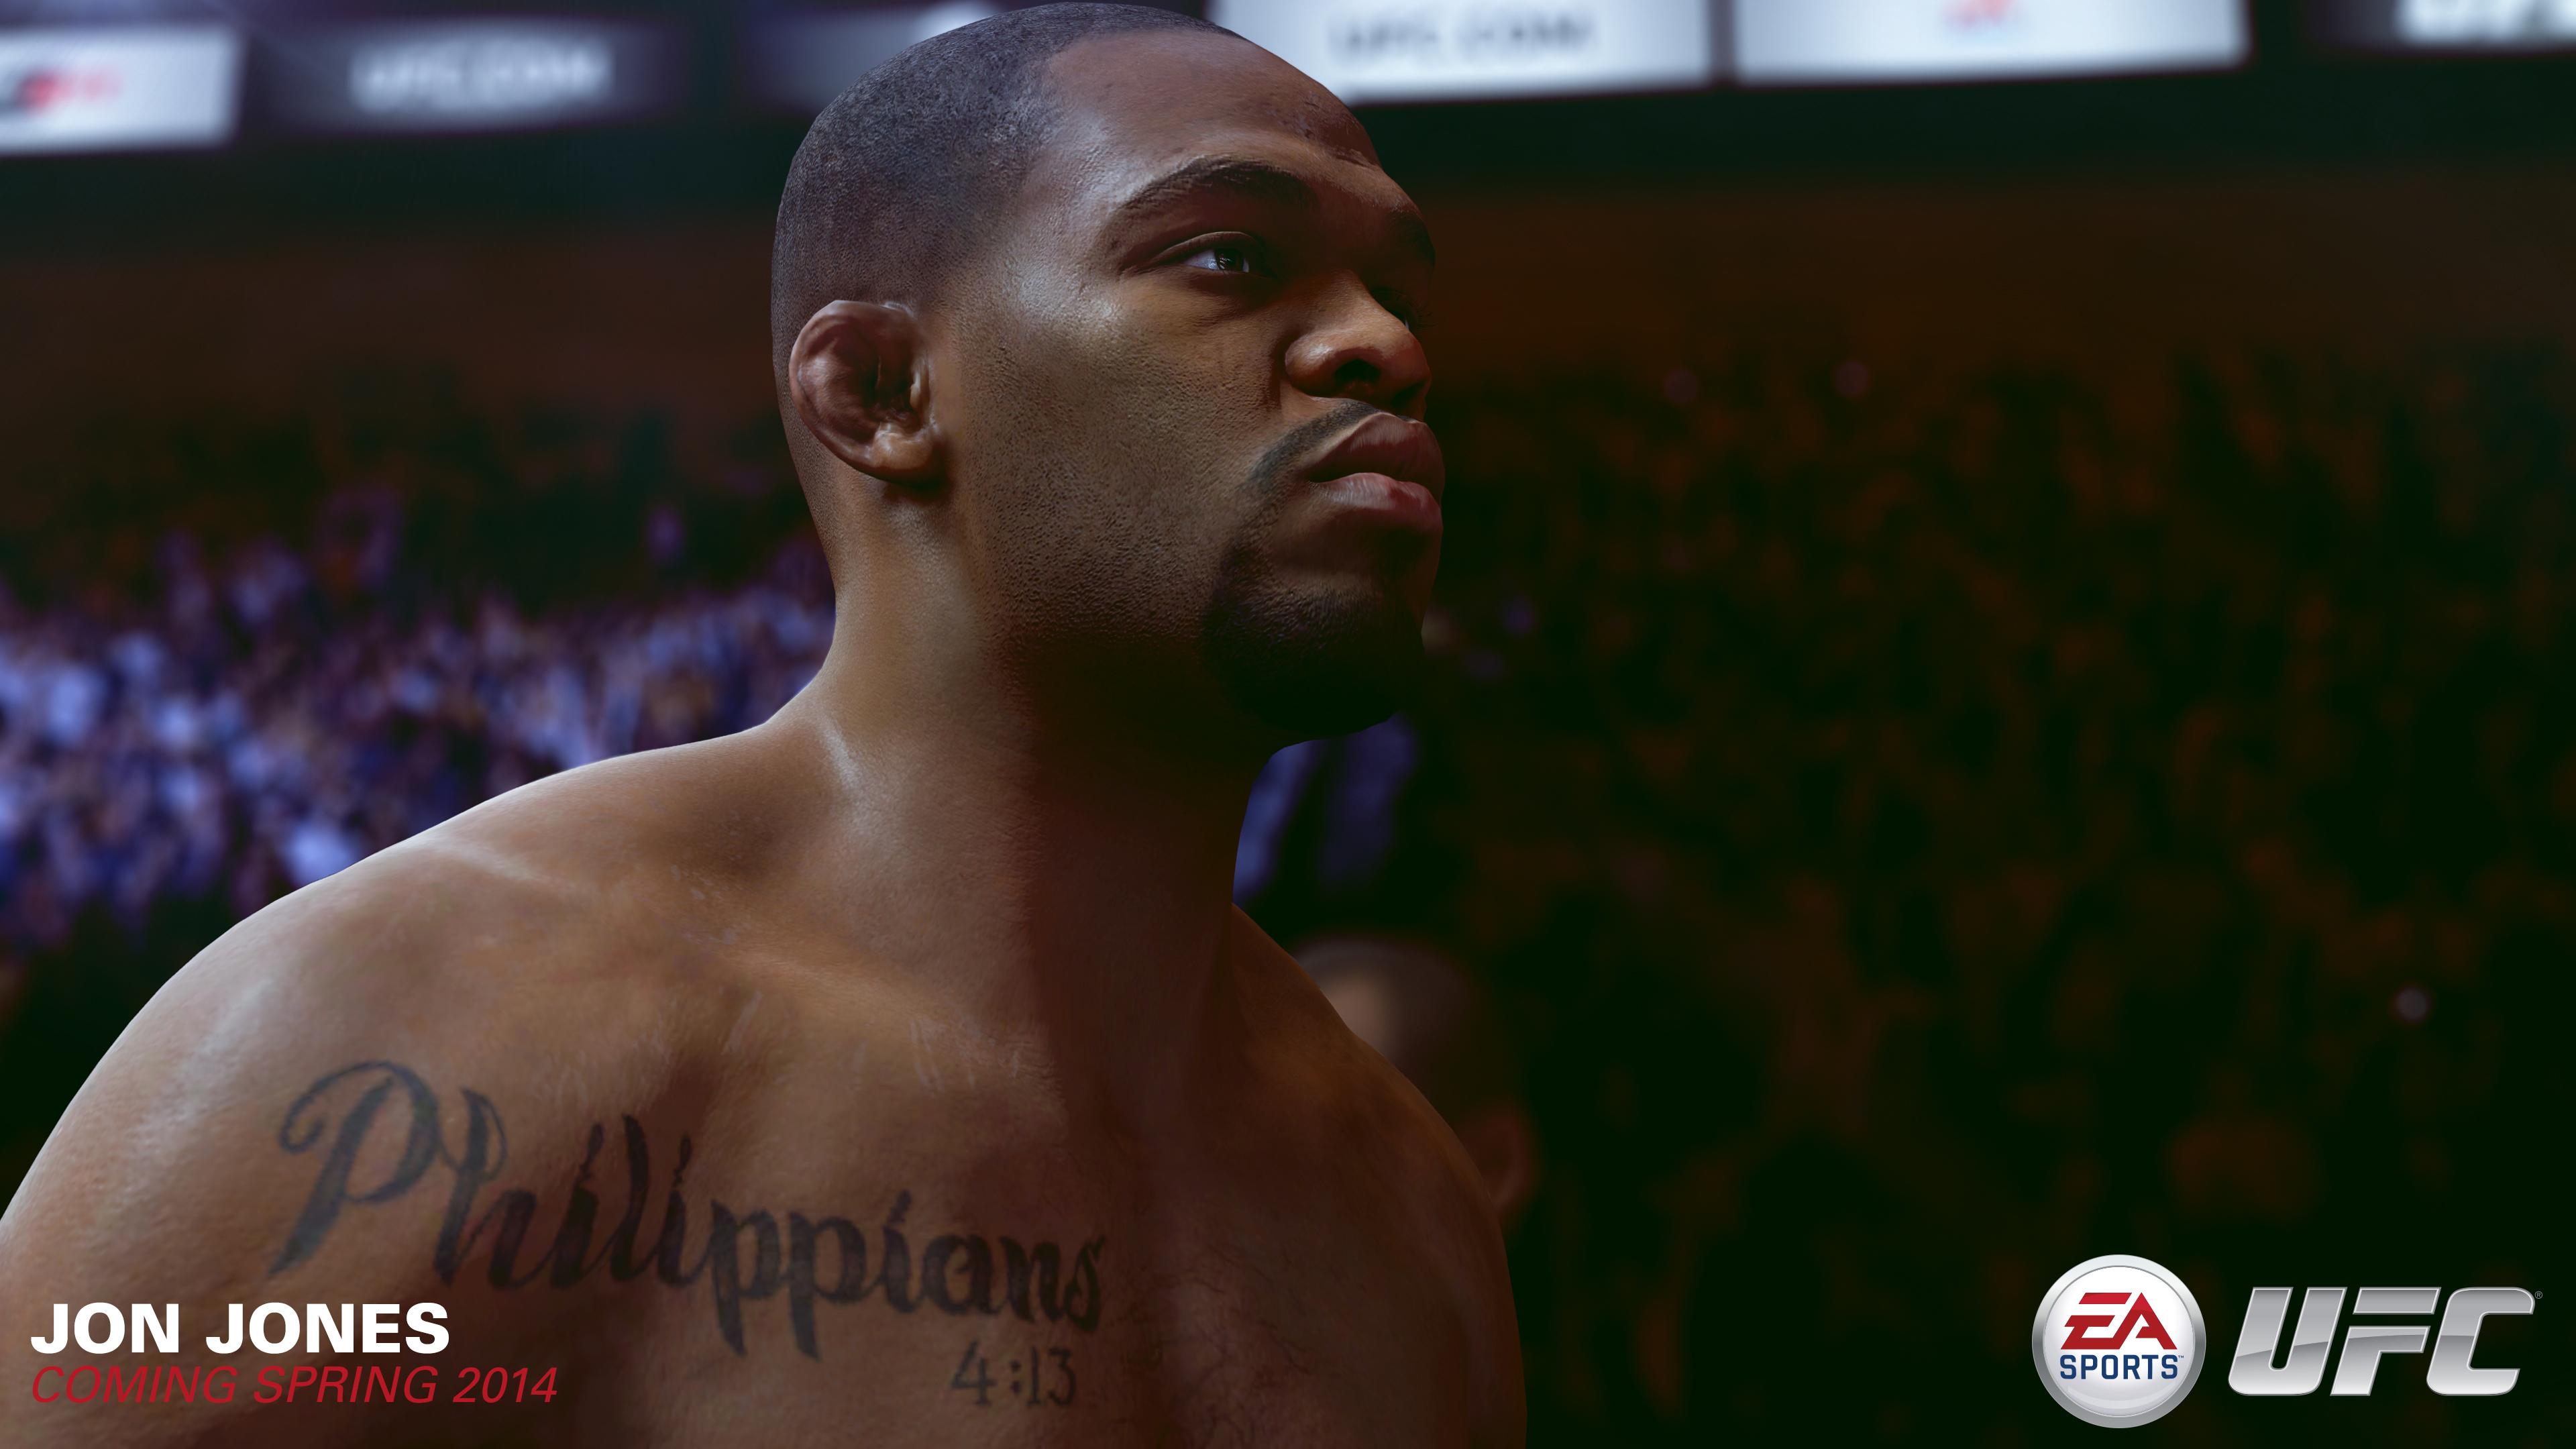 Джон Джонс - EA Sports UFC 4K